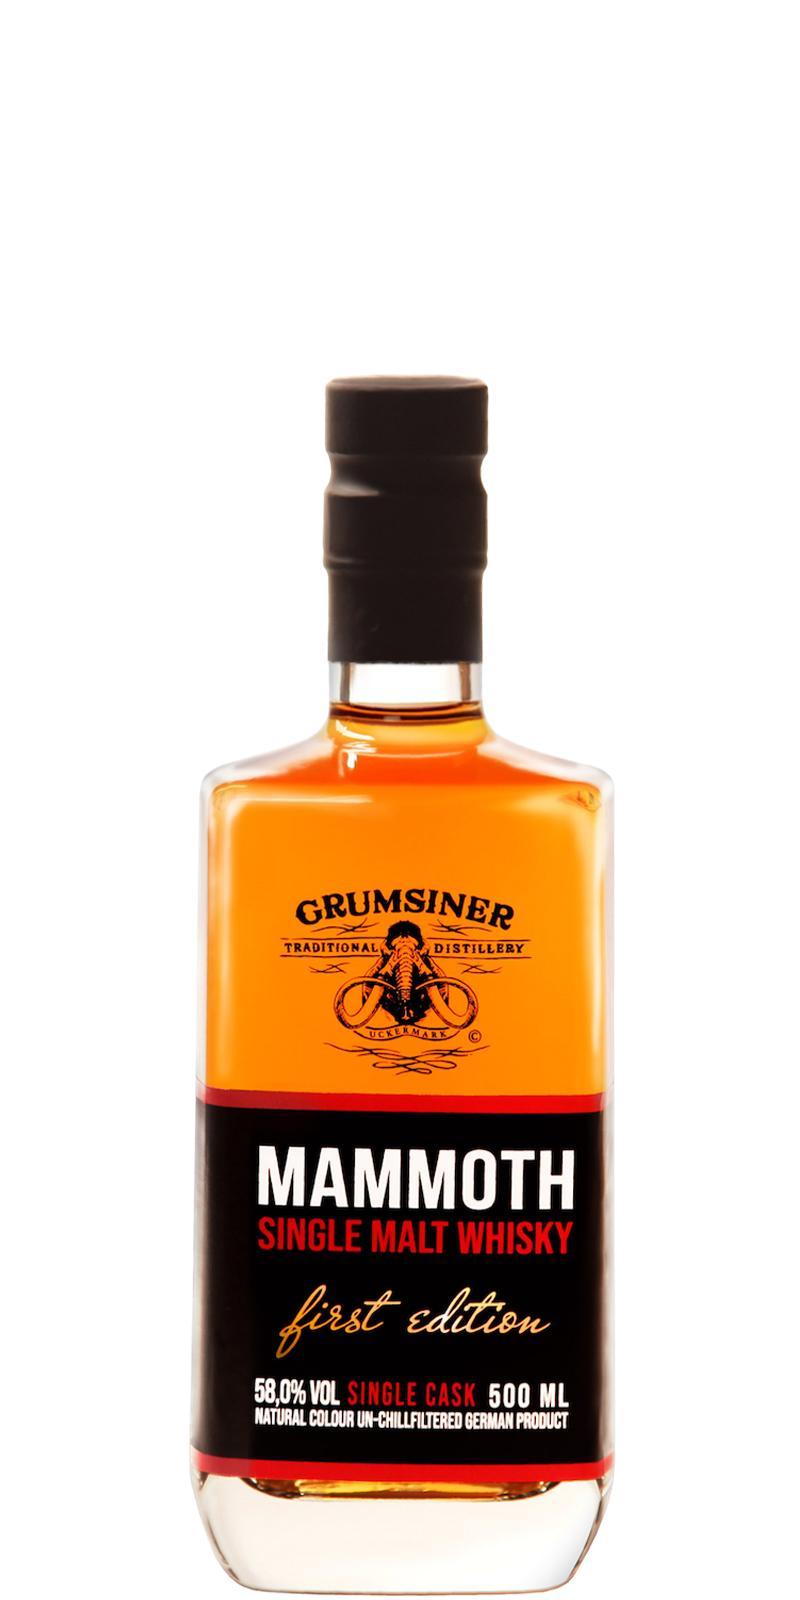 Grumsiner Mammoth